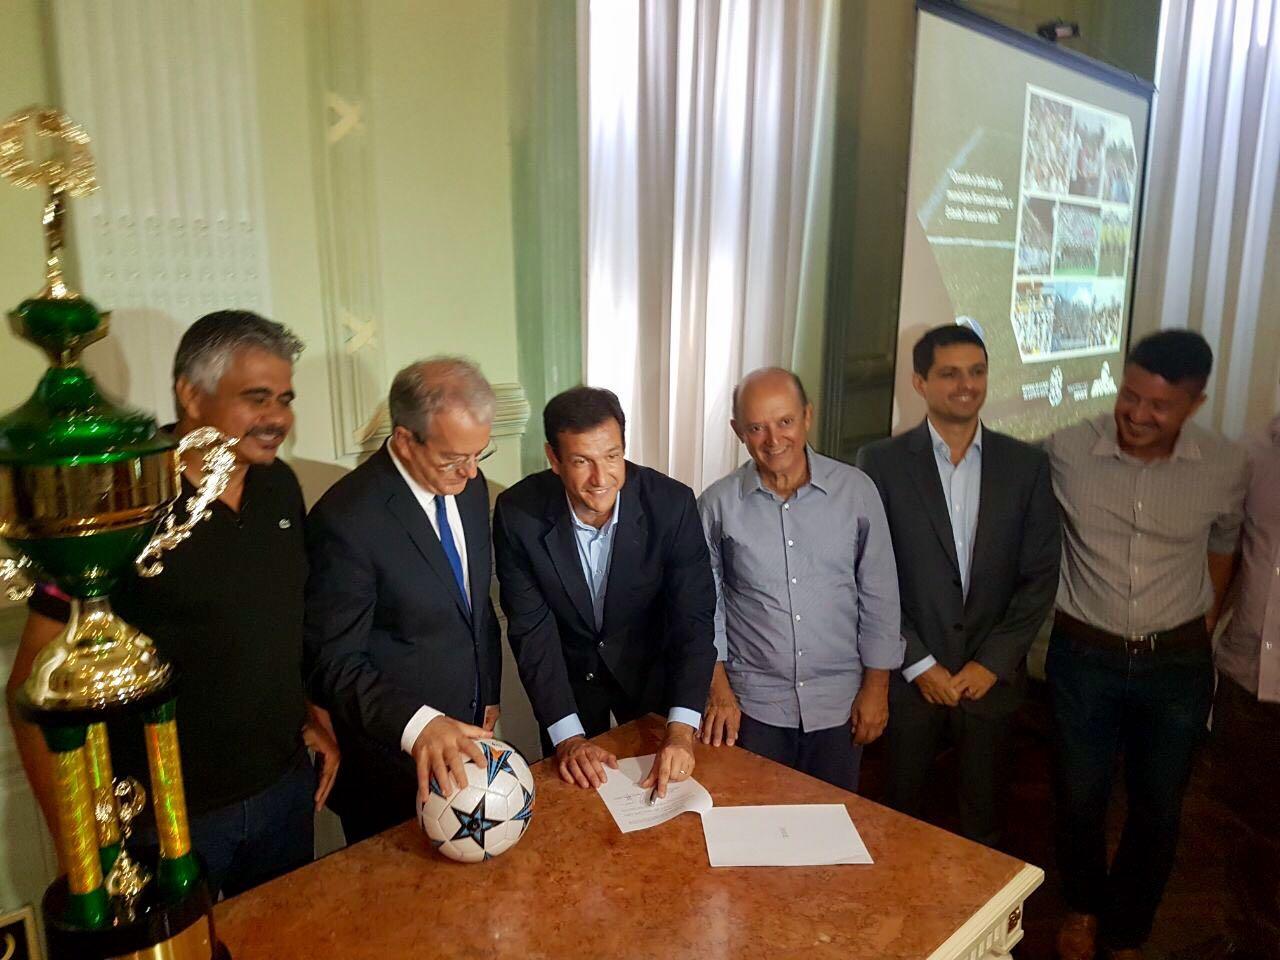 Secretário de Estado de Esportes e Lazer, Roberto Carneiro, assina convênio em solenidade. Crédito: Evandro Figueiredo/SESPORT